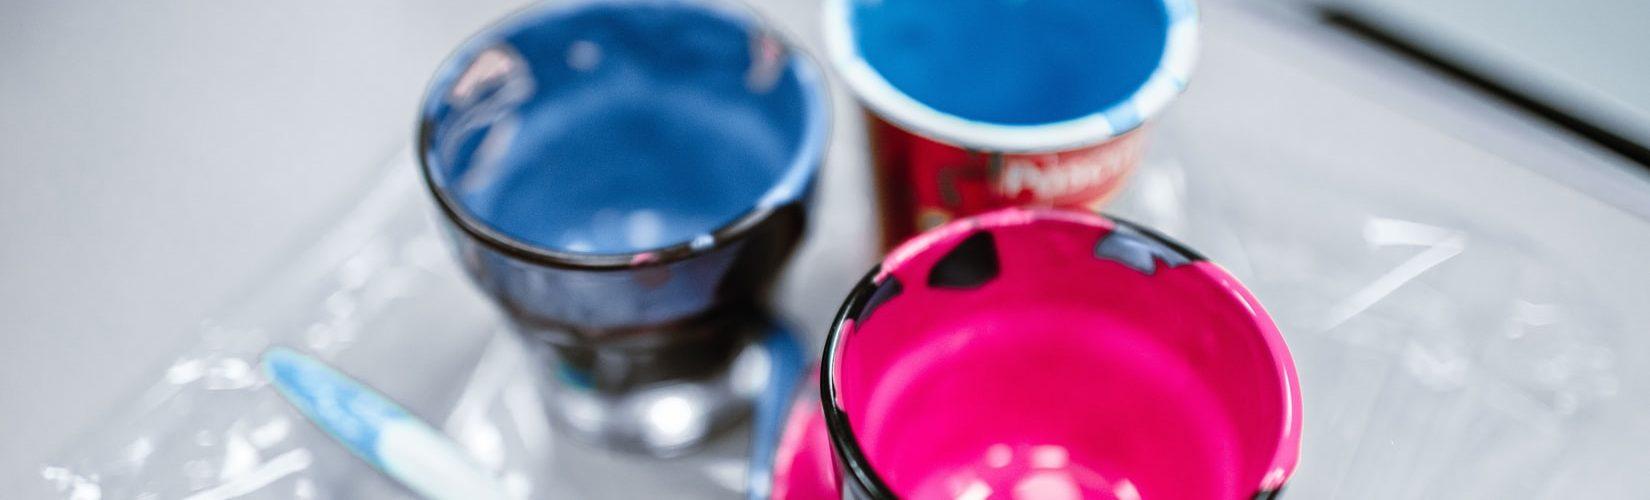 verven-kleuren